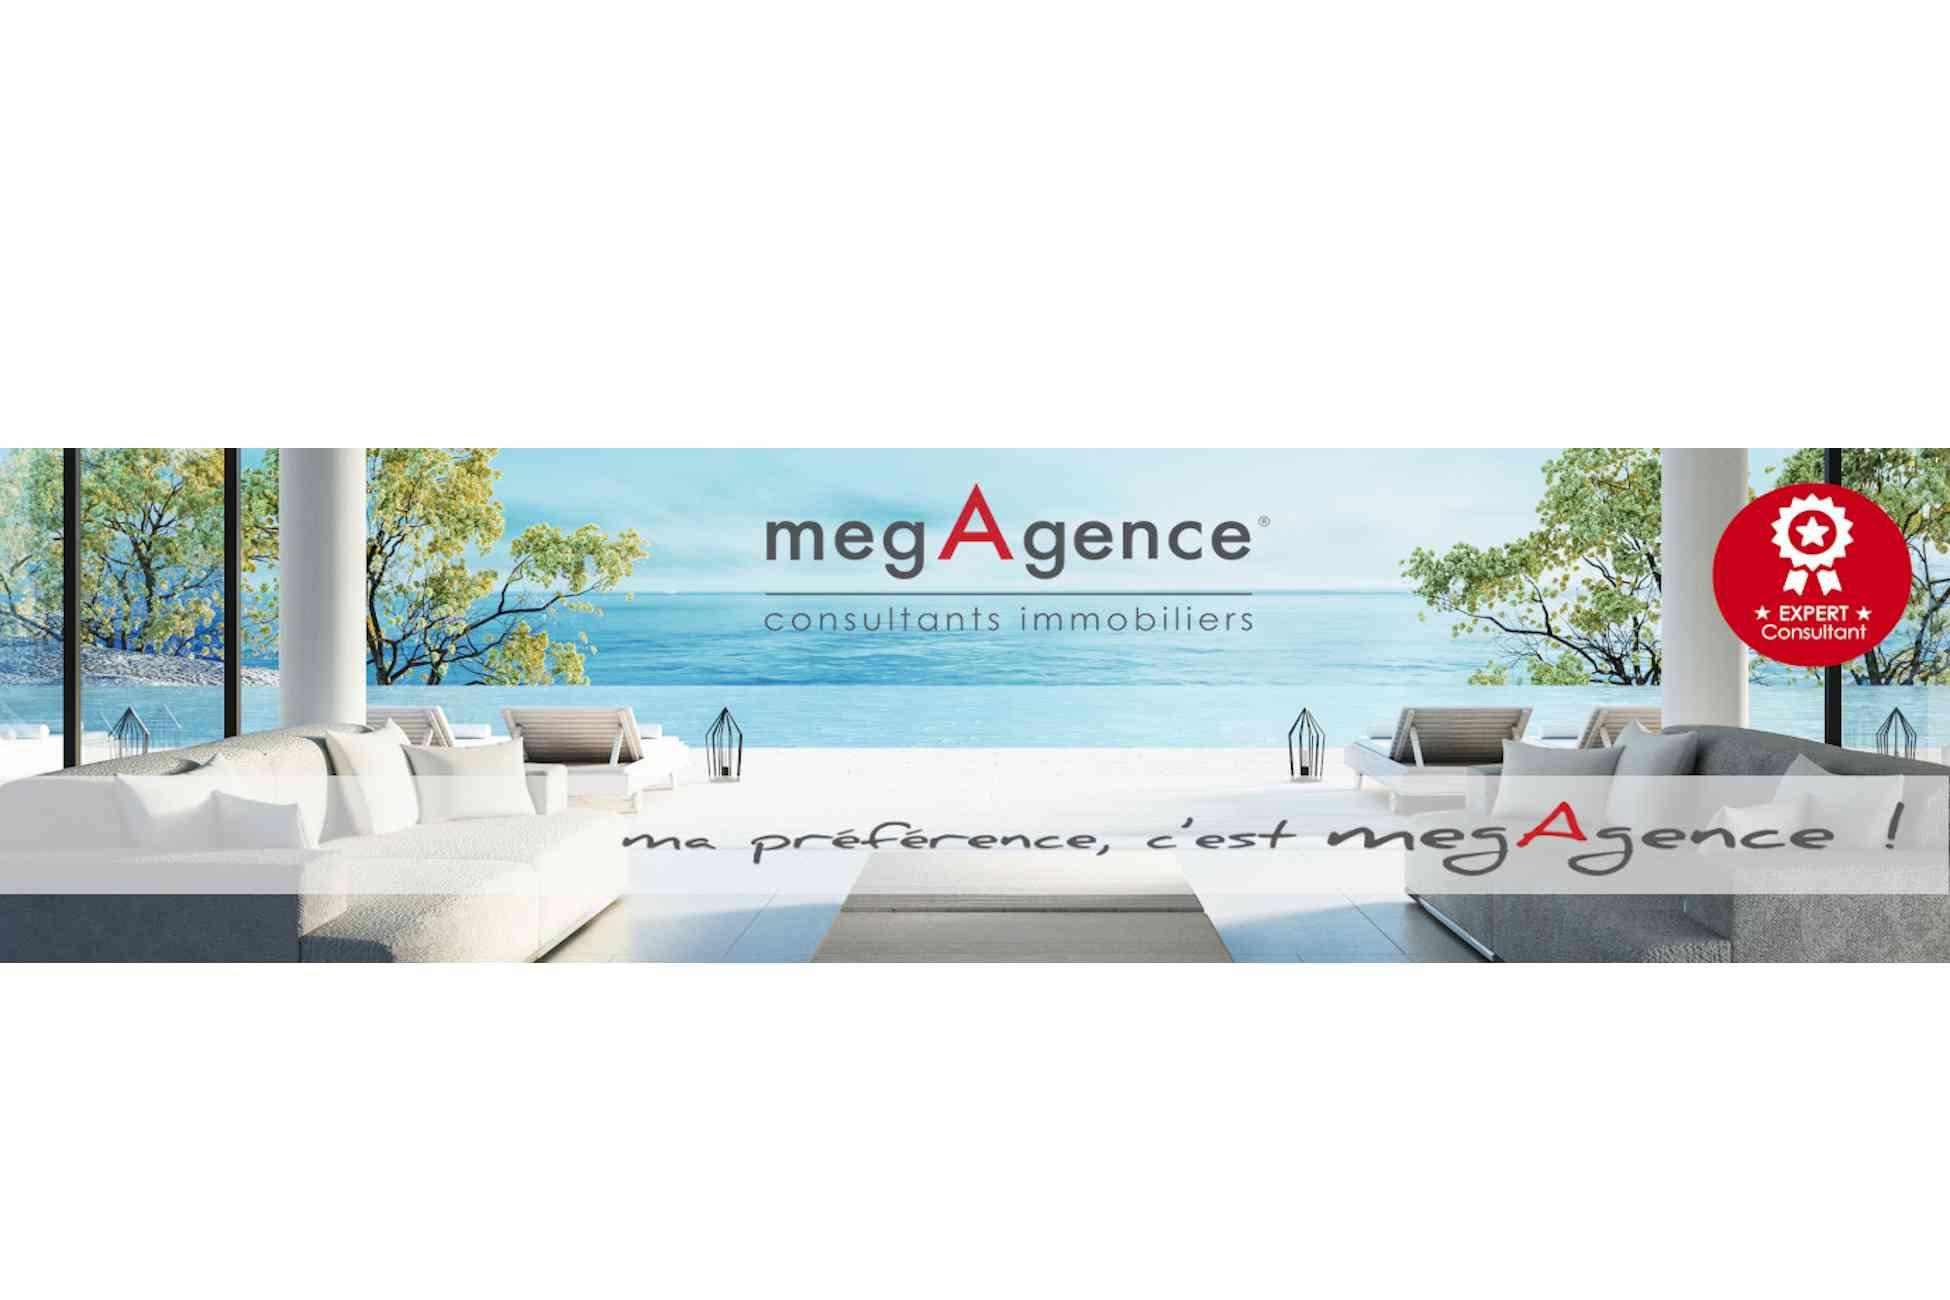 Laurent GEORGE megAgence | Bihorel France | visite virtuelle 360 3D VR